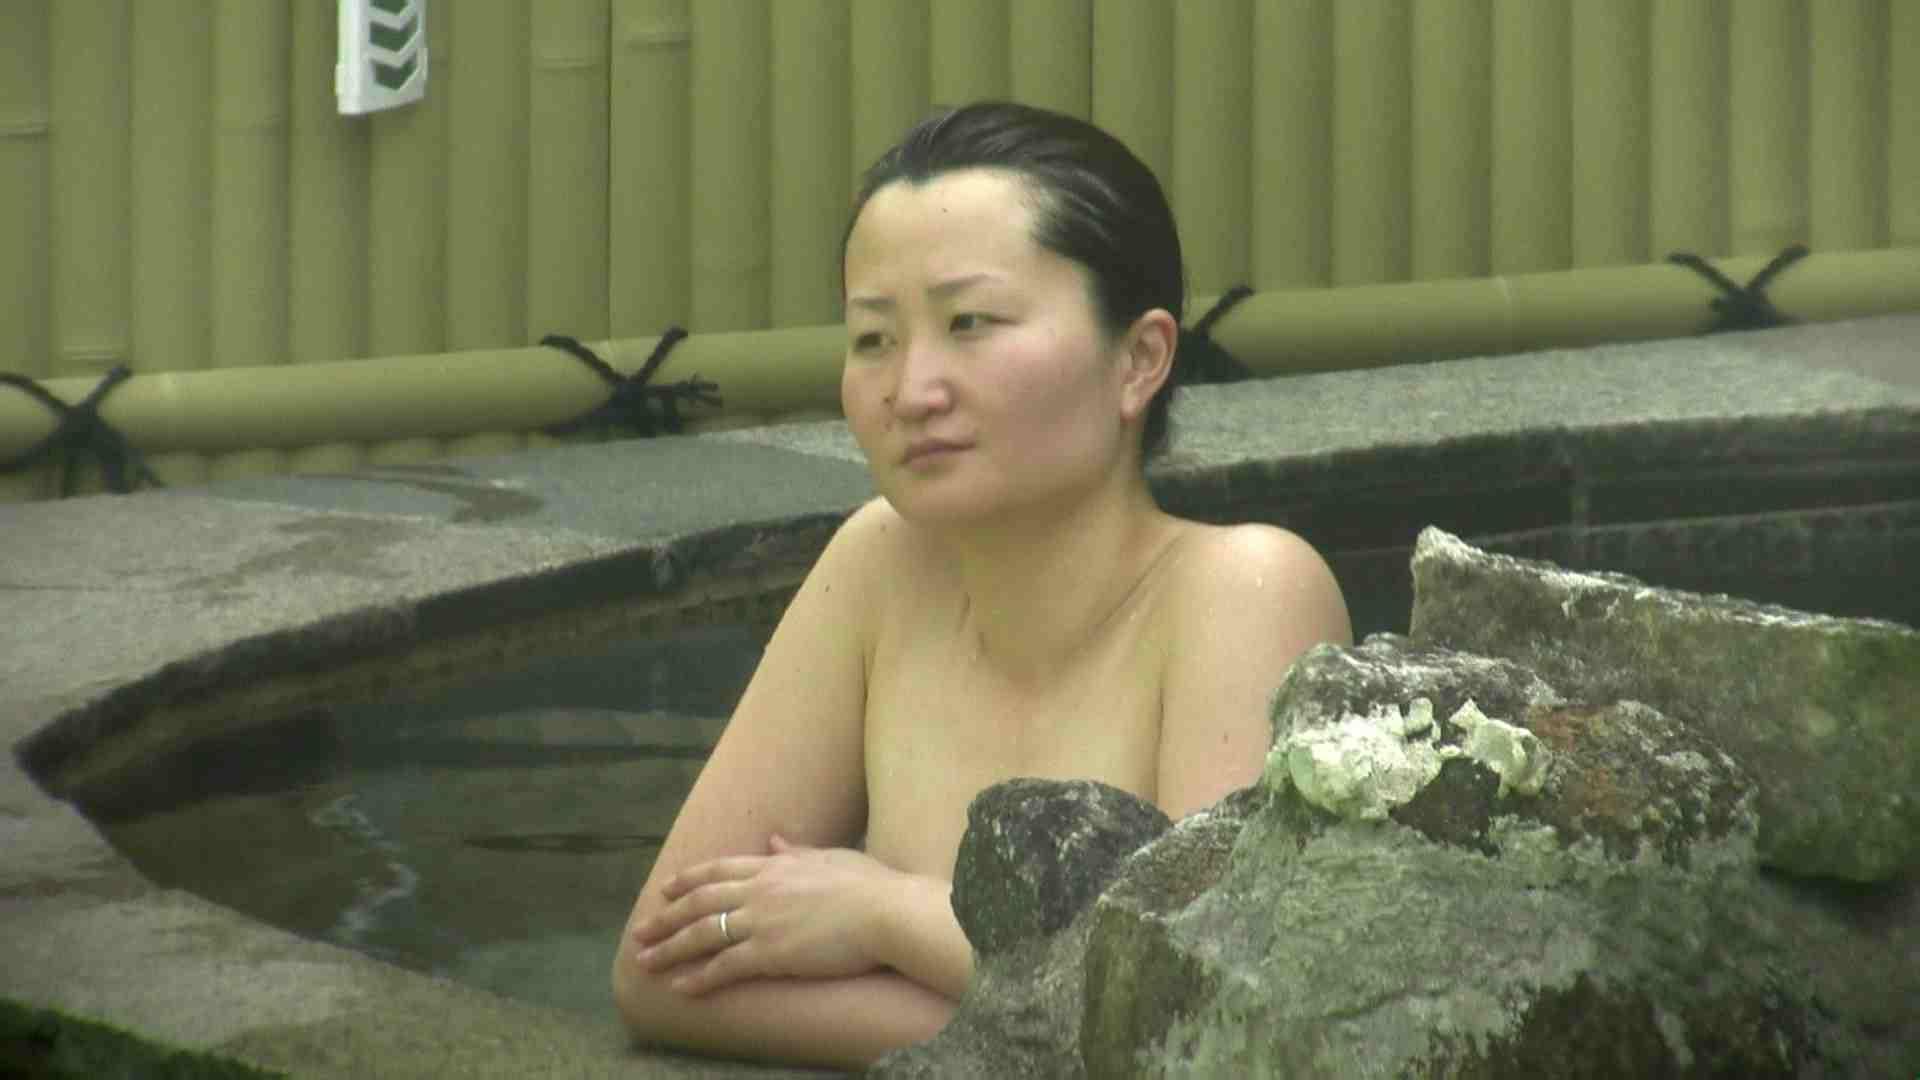 Aquaな露天風呂Vol.632 盗撮シリーズ  100PIX 16